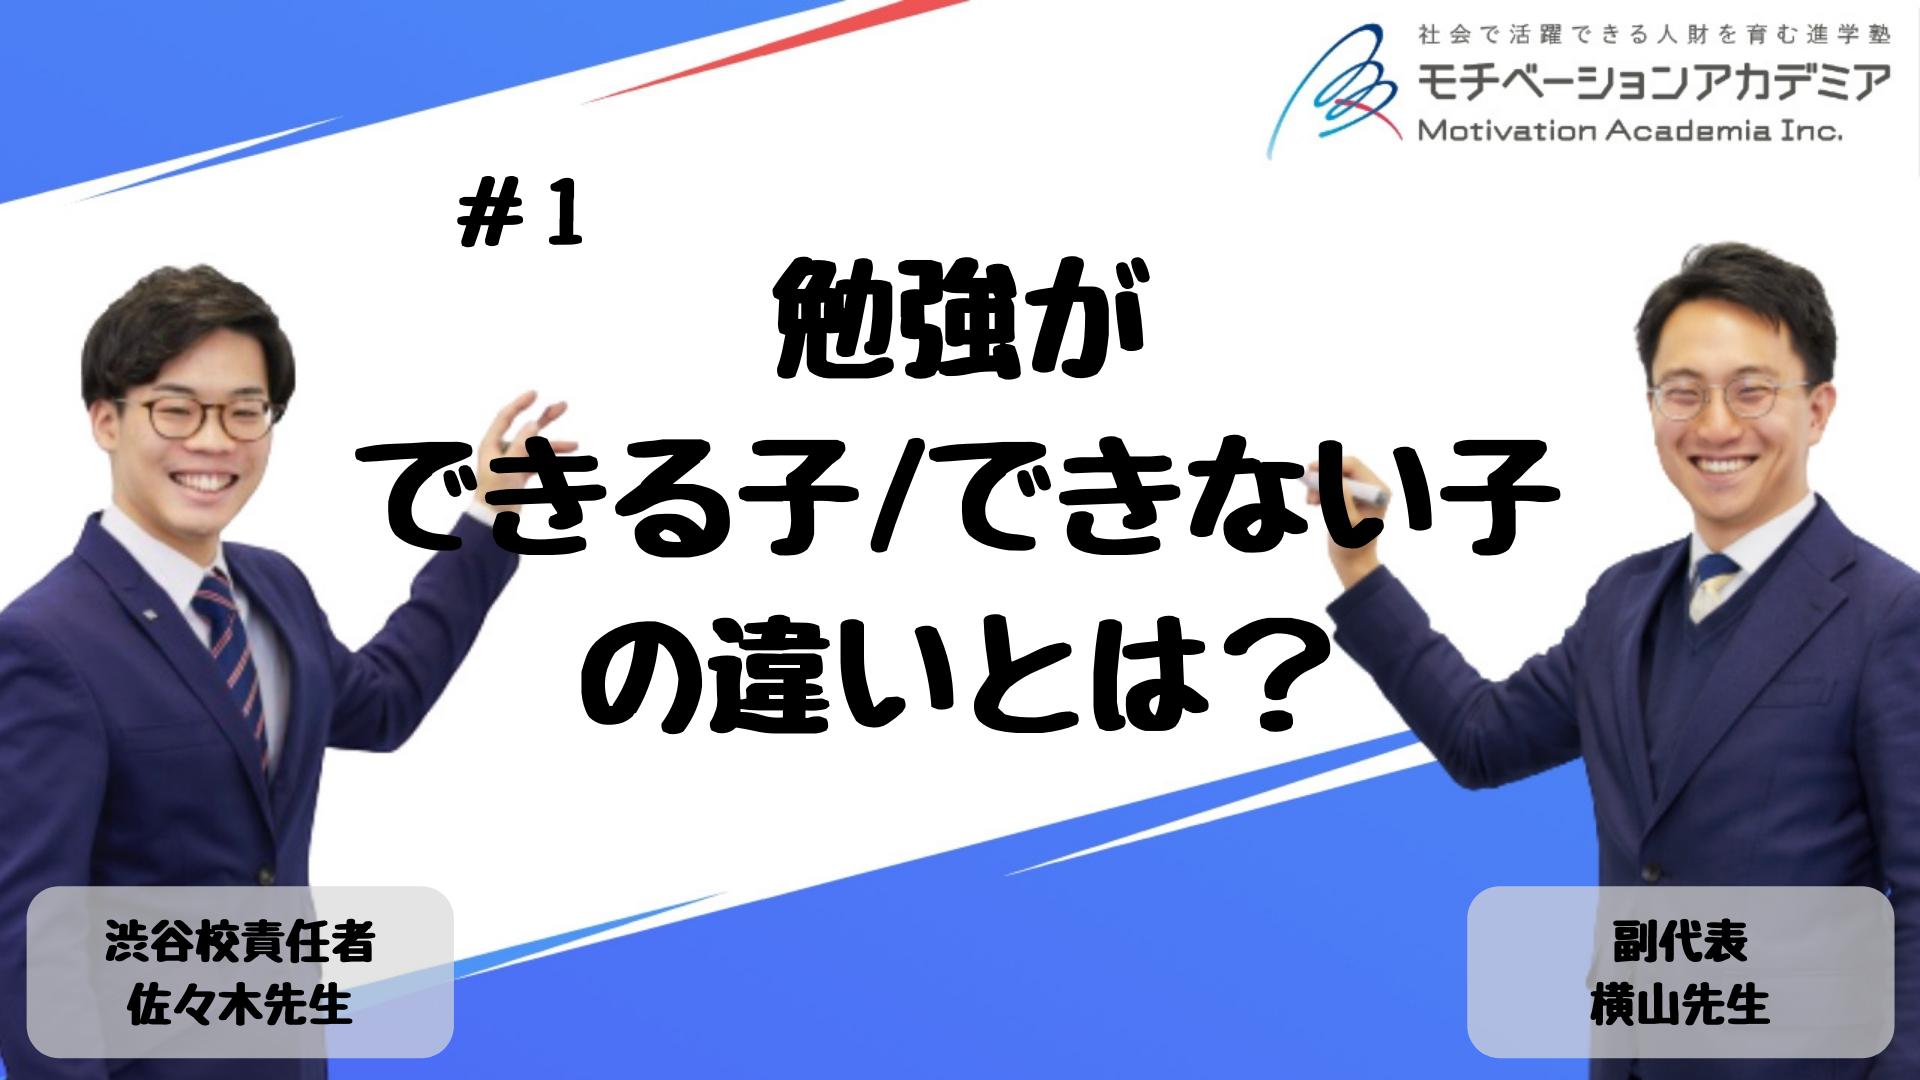 【動画】#1 勉強ができる子できない子の違いとは?